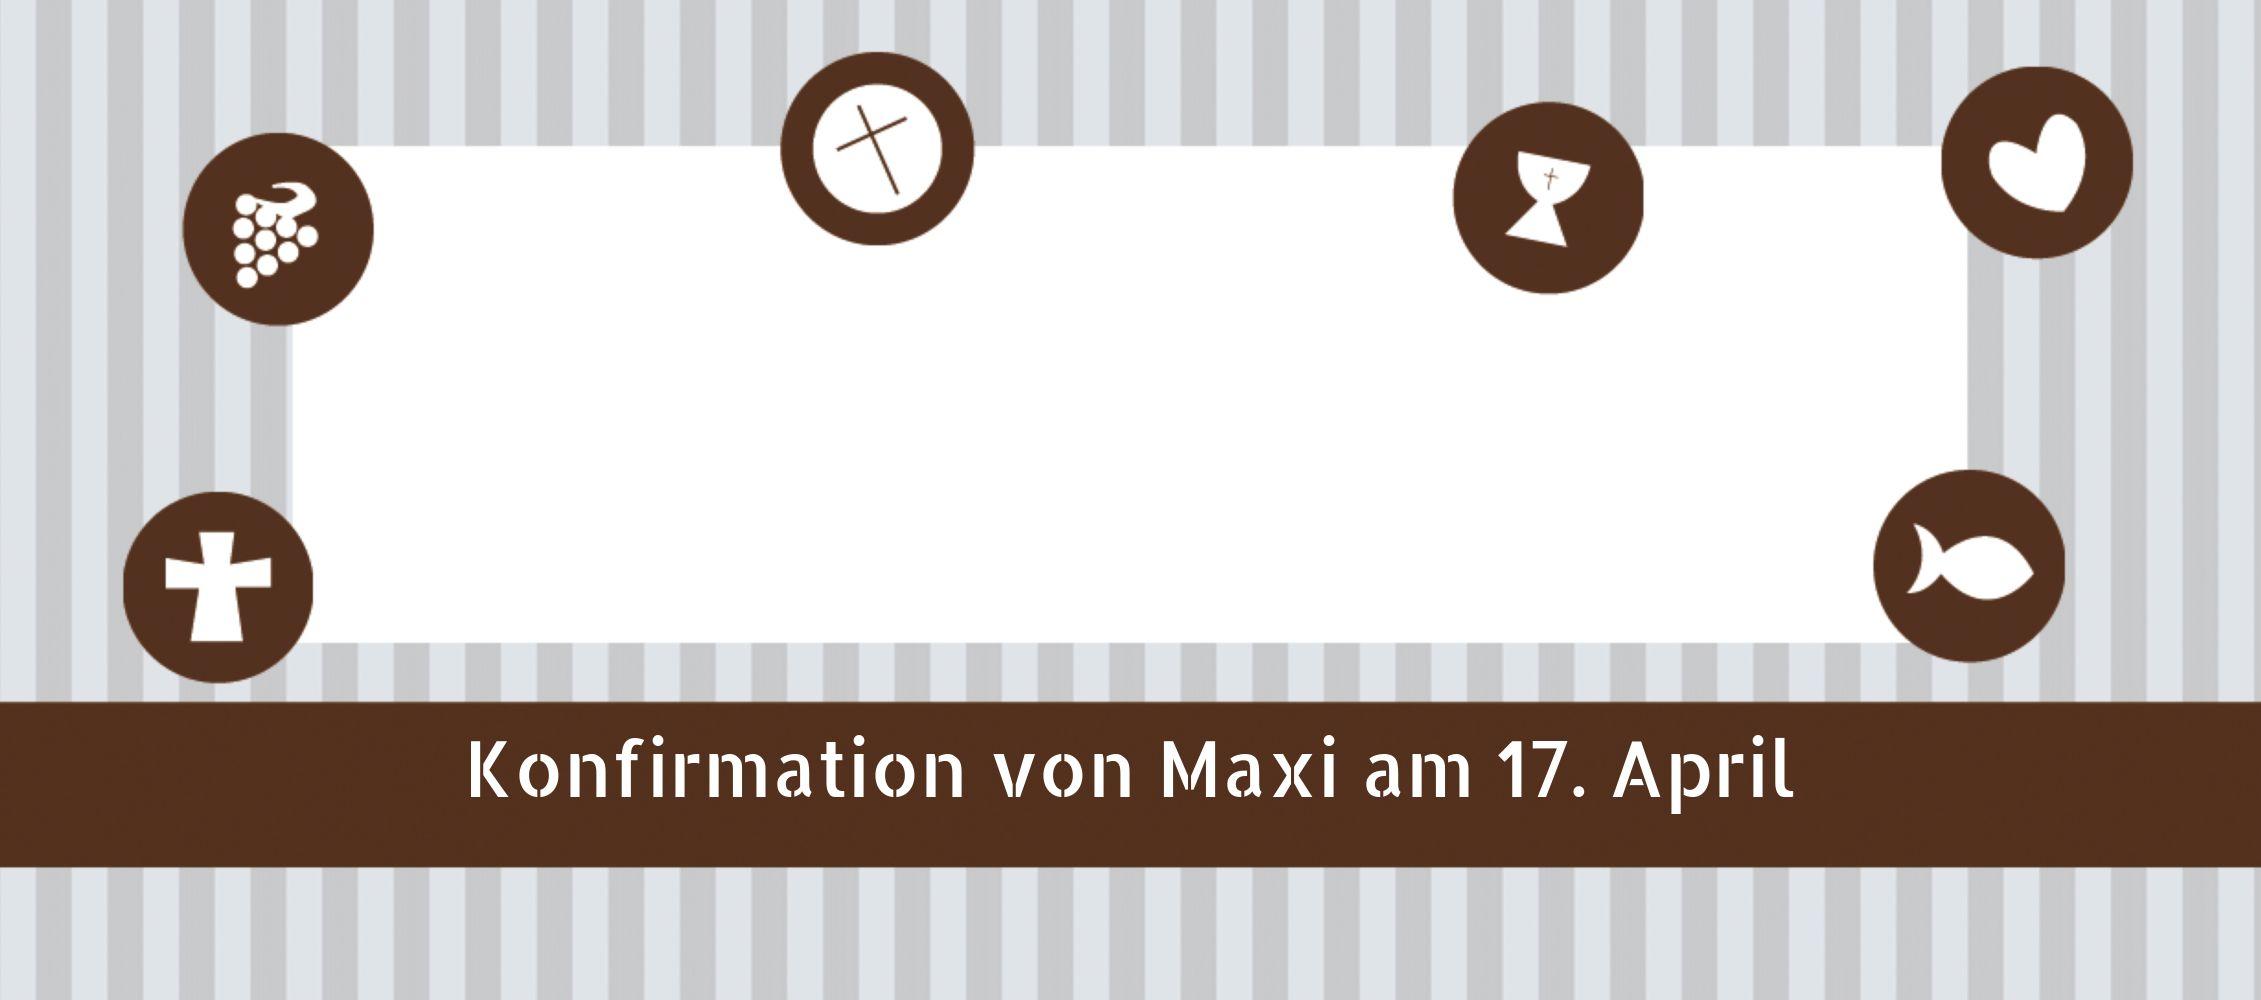 Ansicht 3 - Tischkarte Konfirmation stripes-buttons